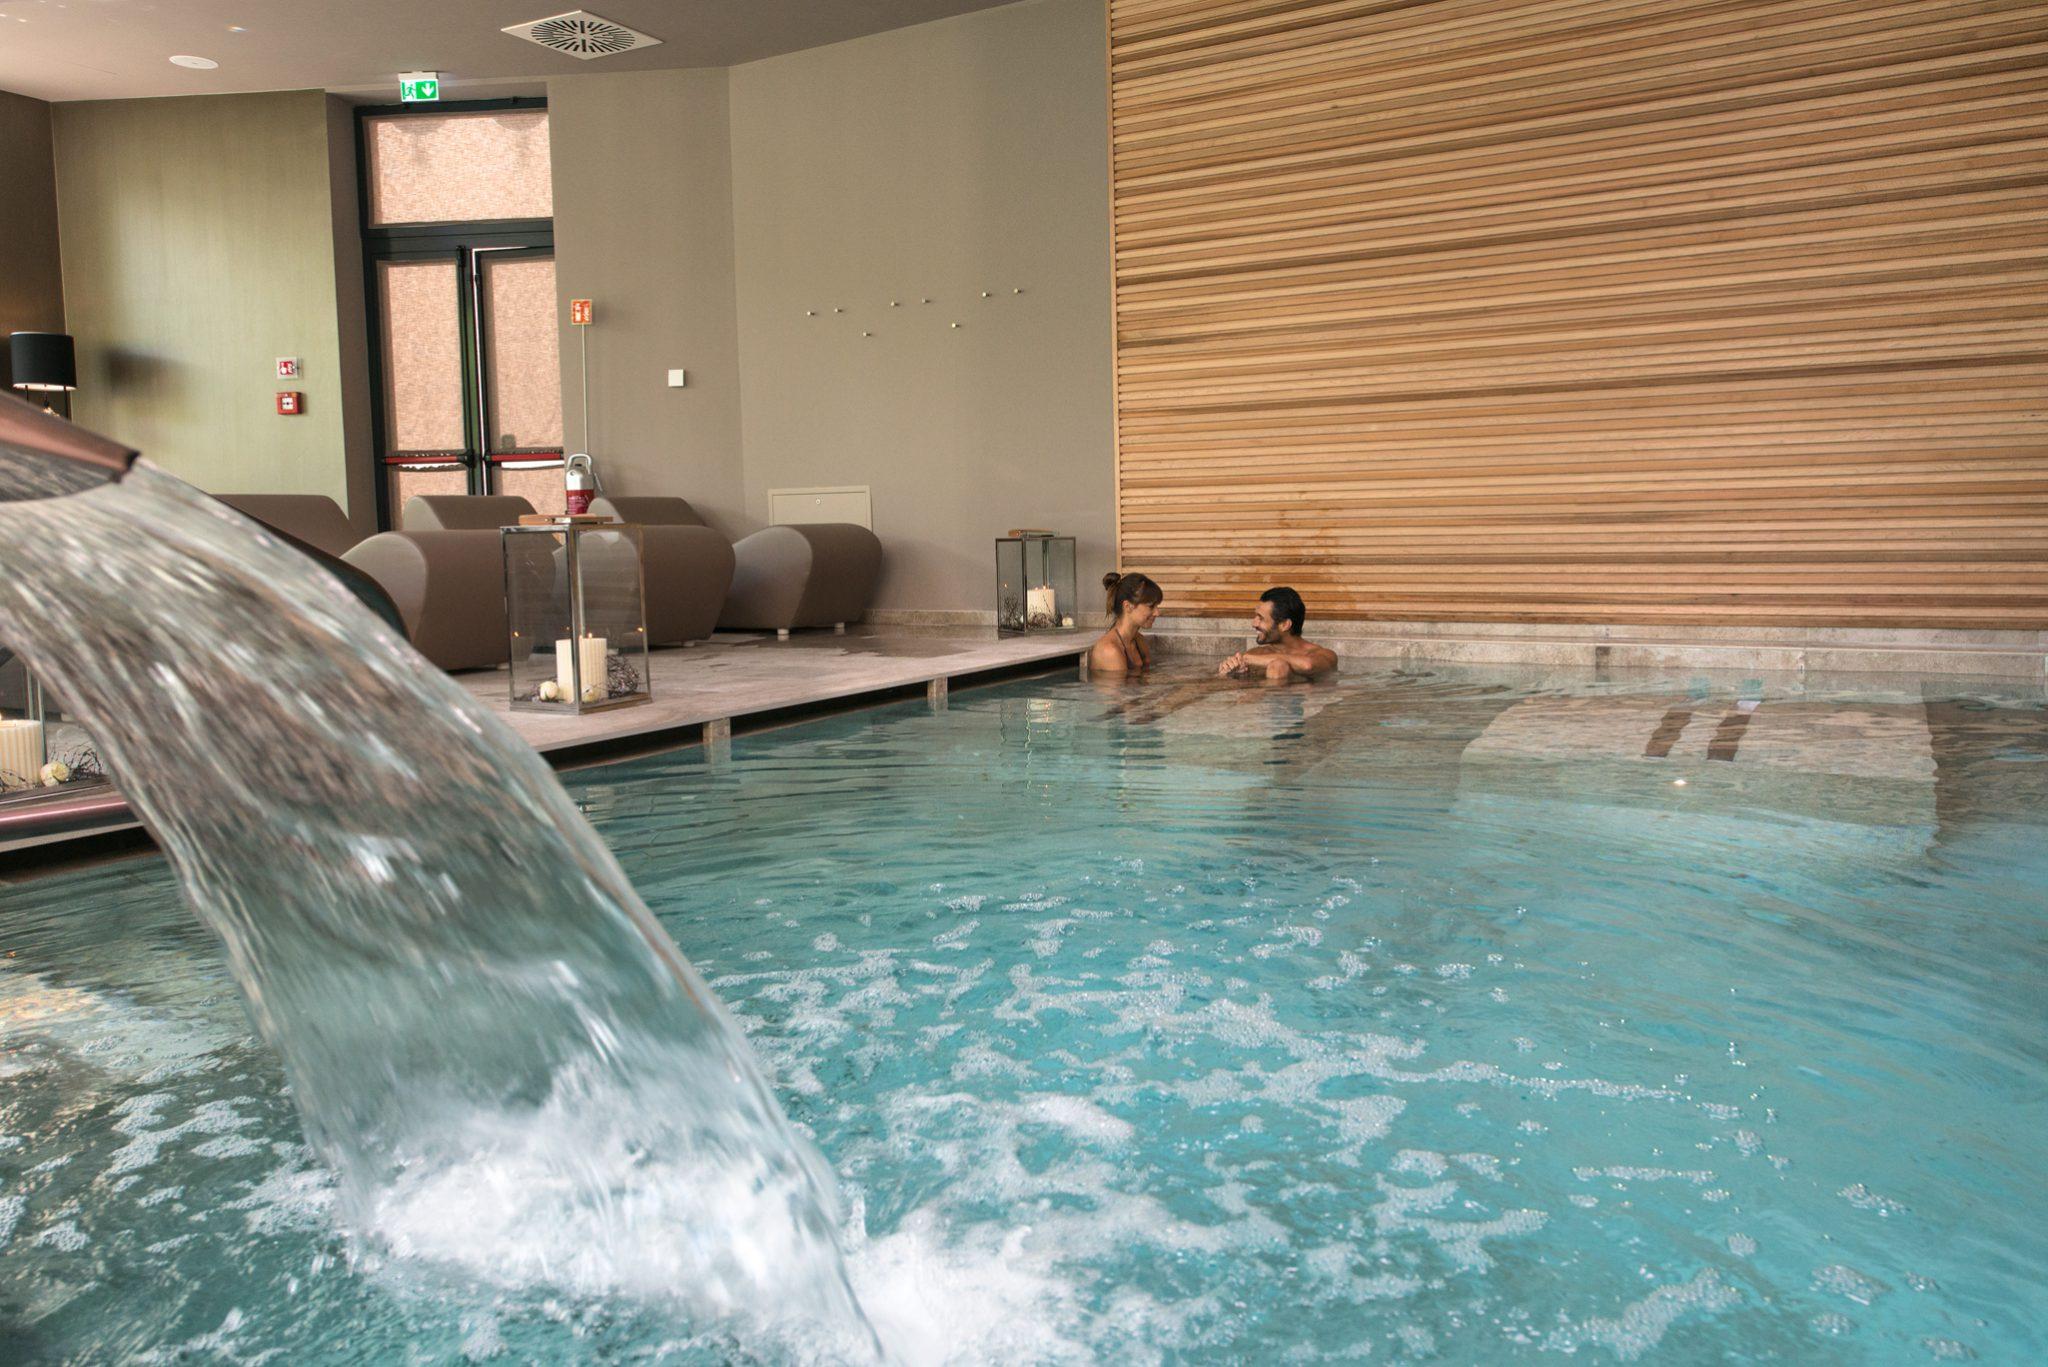 Piscina riscaldata a 35° con lettini idromassaggio di coppia, panca idromassaggio, getti d'acqua massaggianti